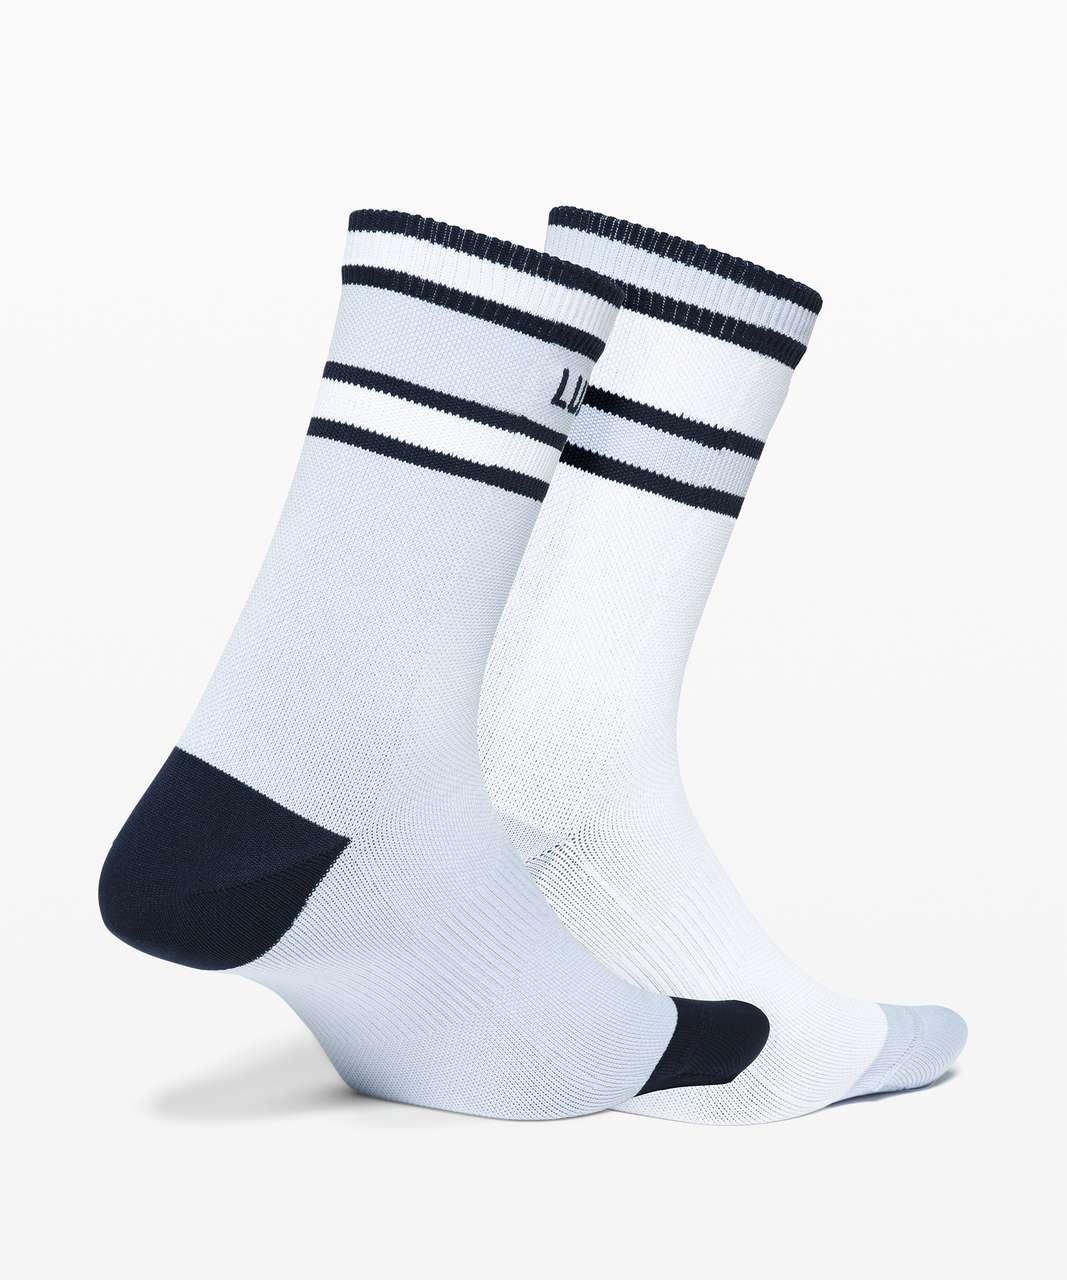 Lululemon Tale To Tell Quarter Sock* 2 Pack - White / Daydream / True Navy